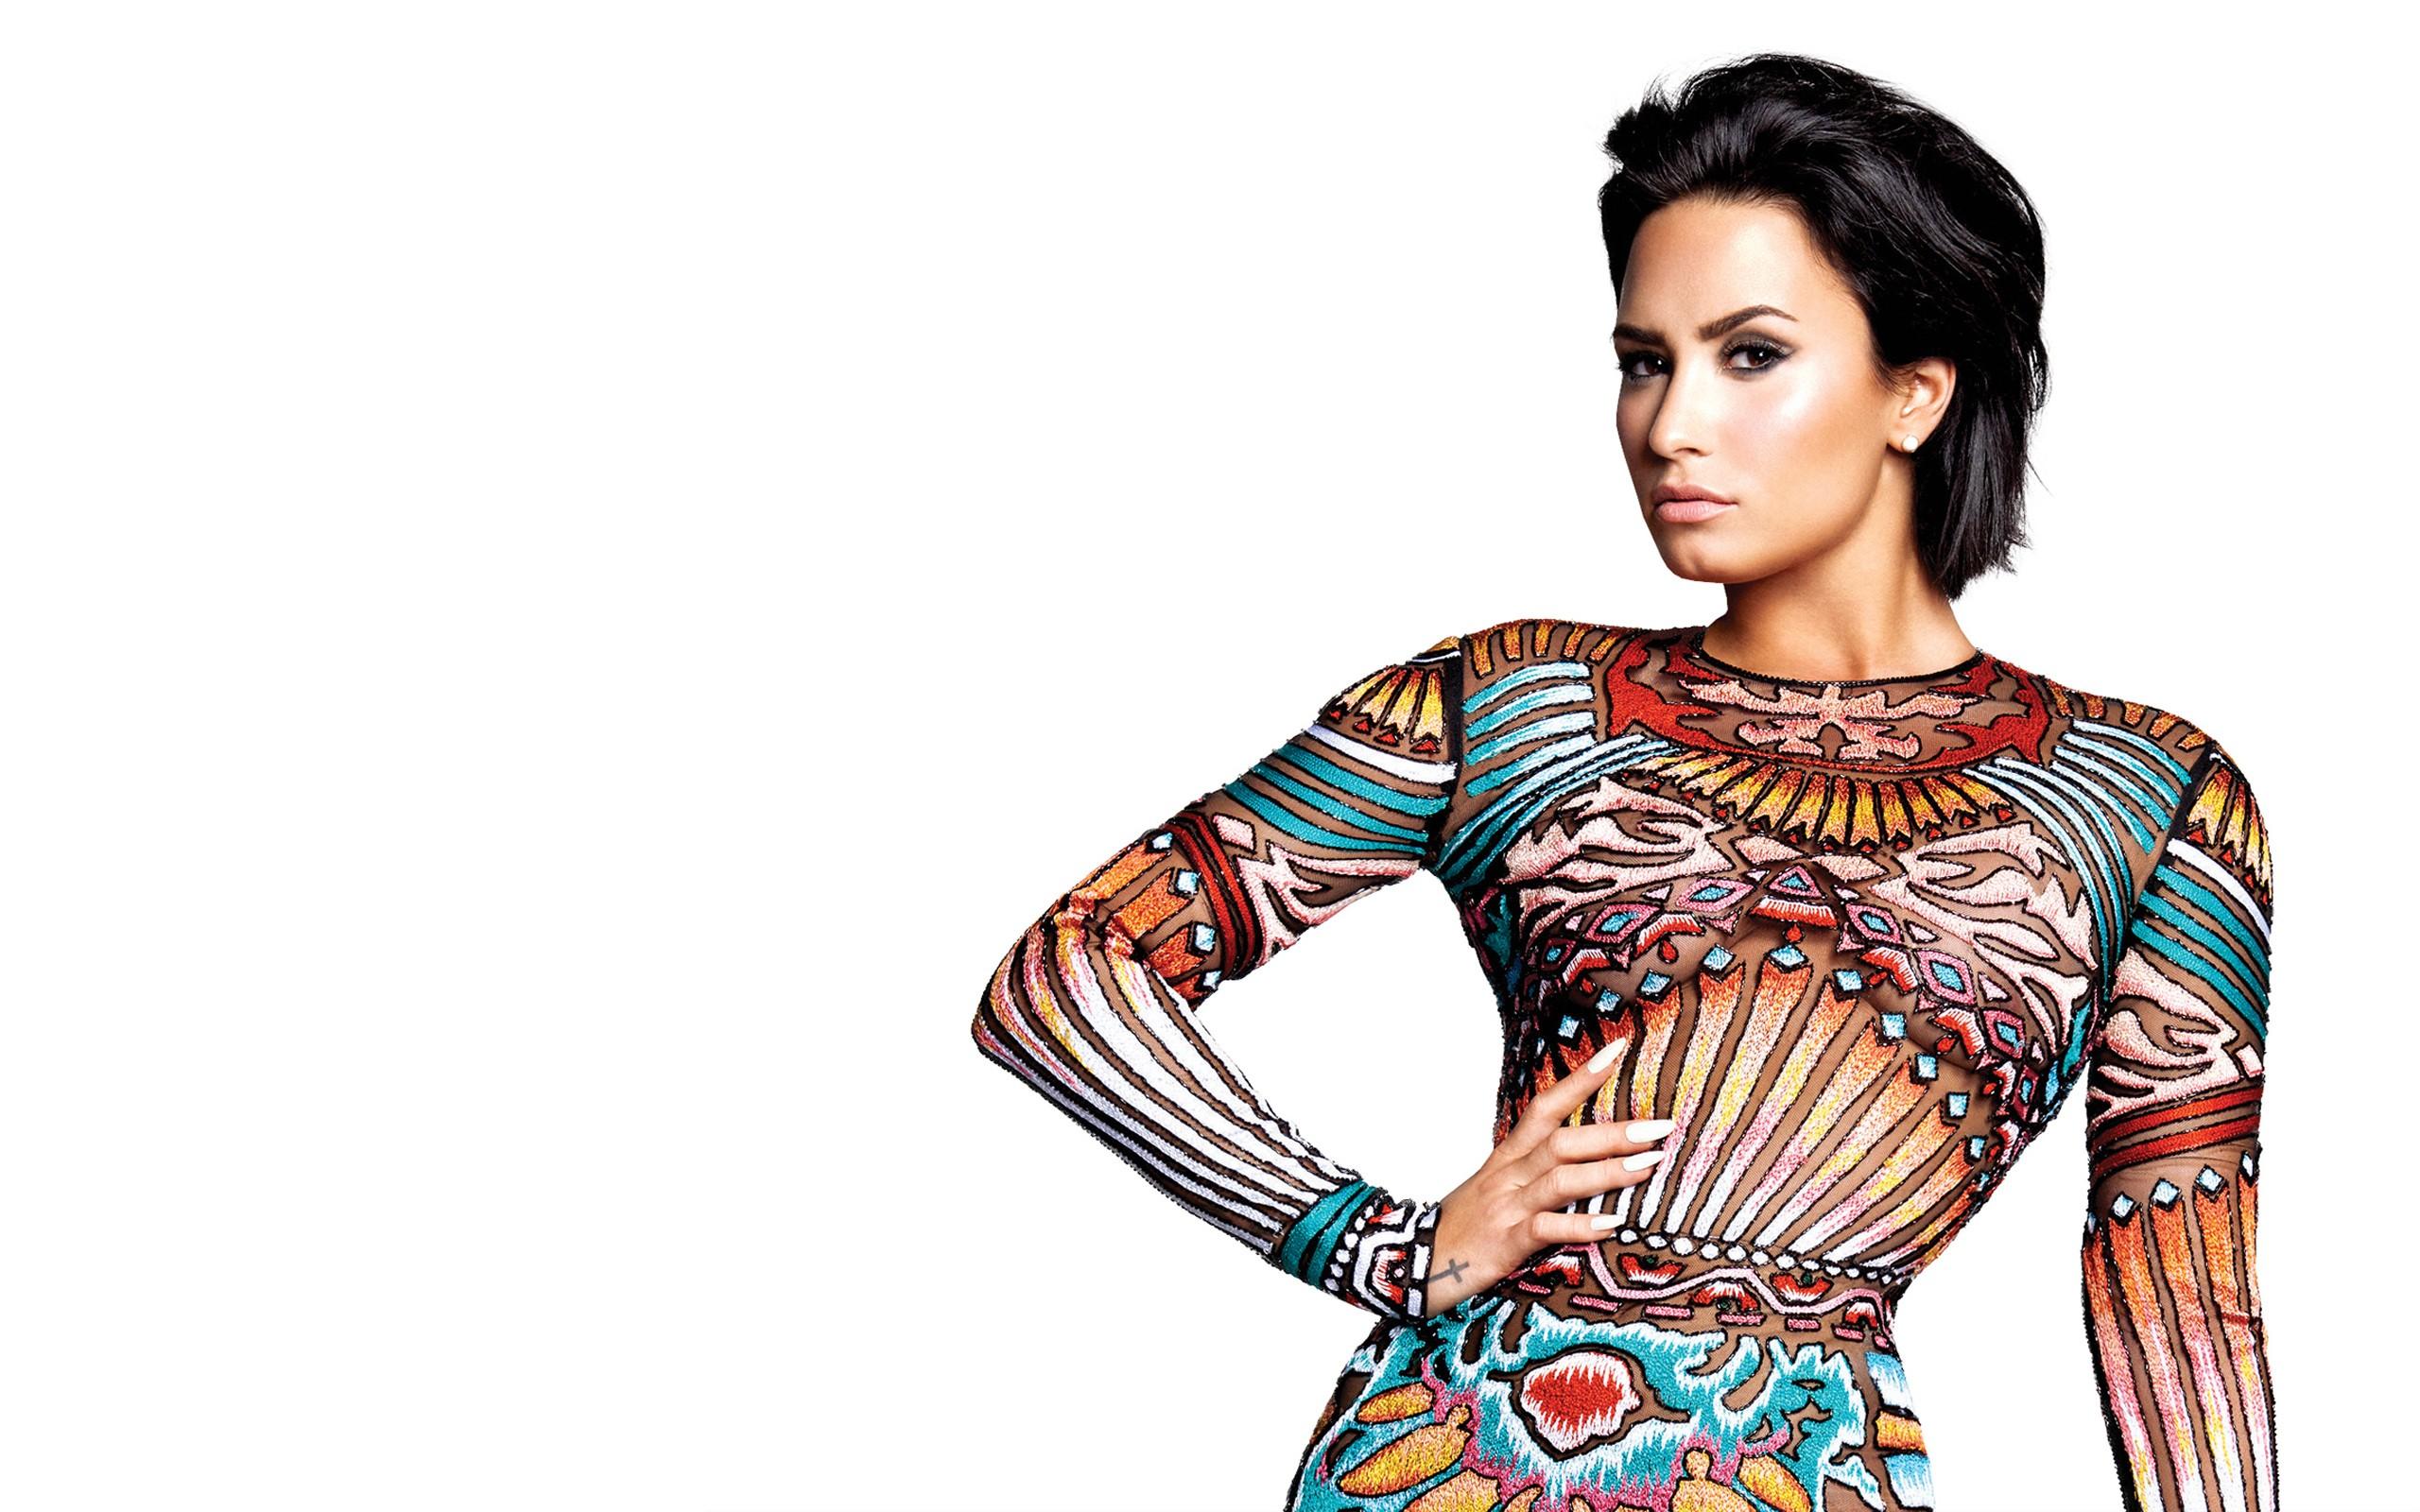 Demi Lovato 2016 Desktop Wallpaper   New HD Wallpapers 2560x1600